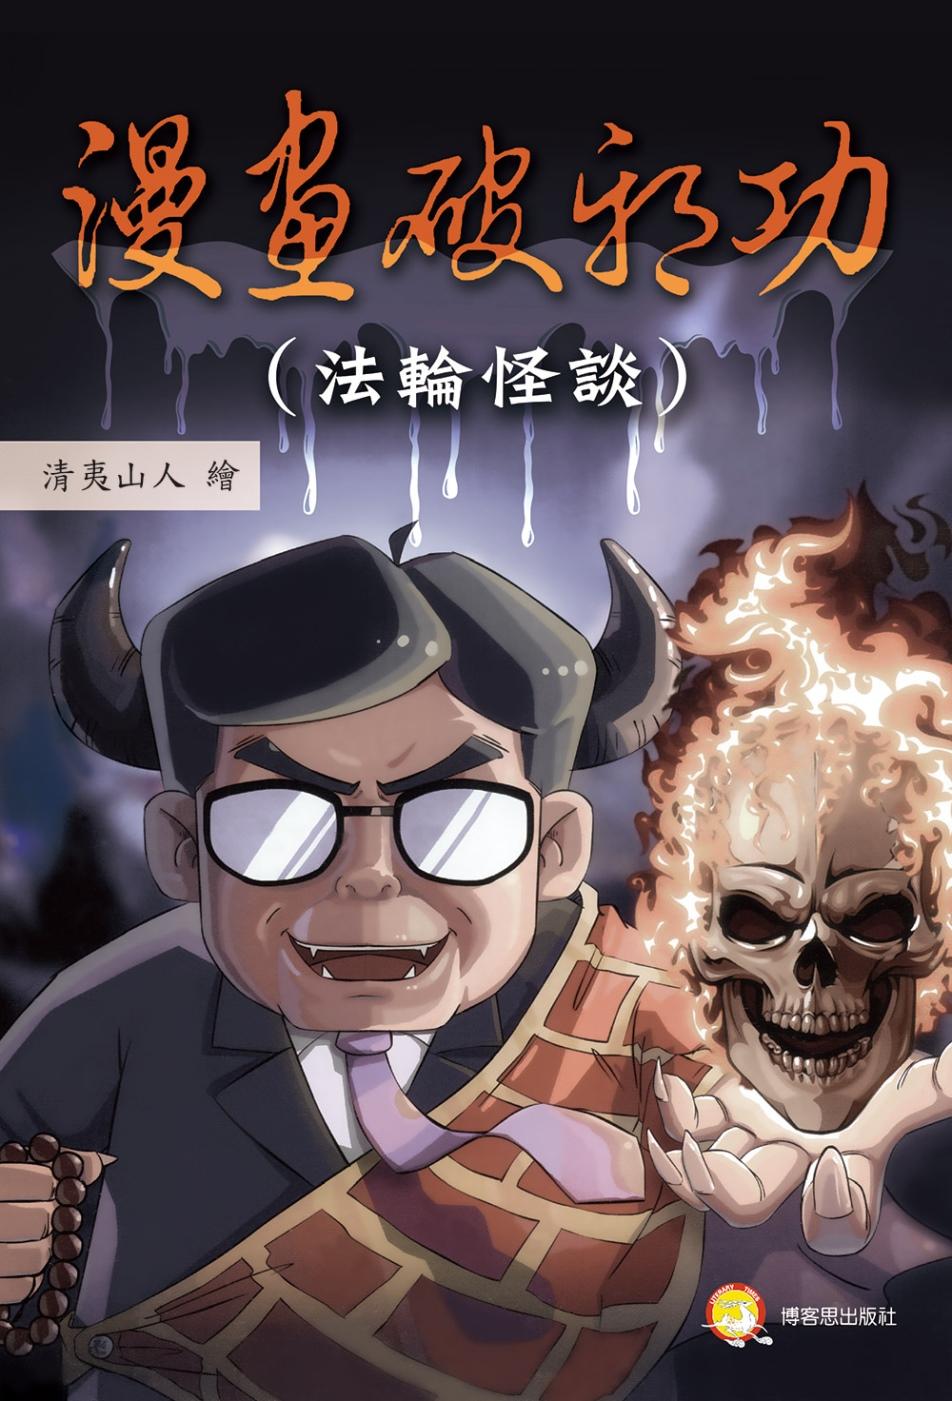 漫畫破邪功:(法輪怪談)